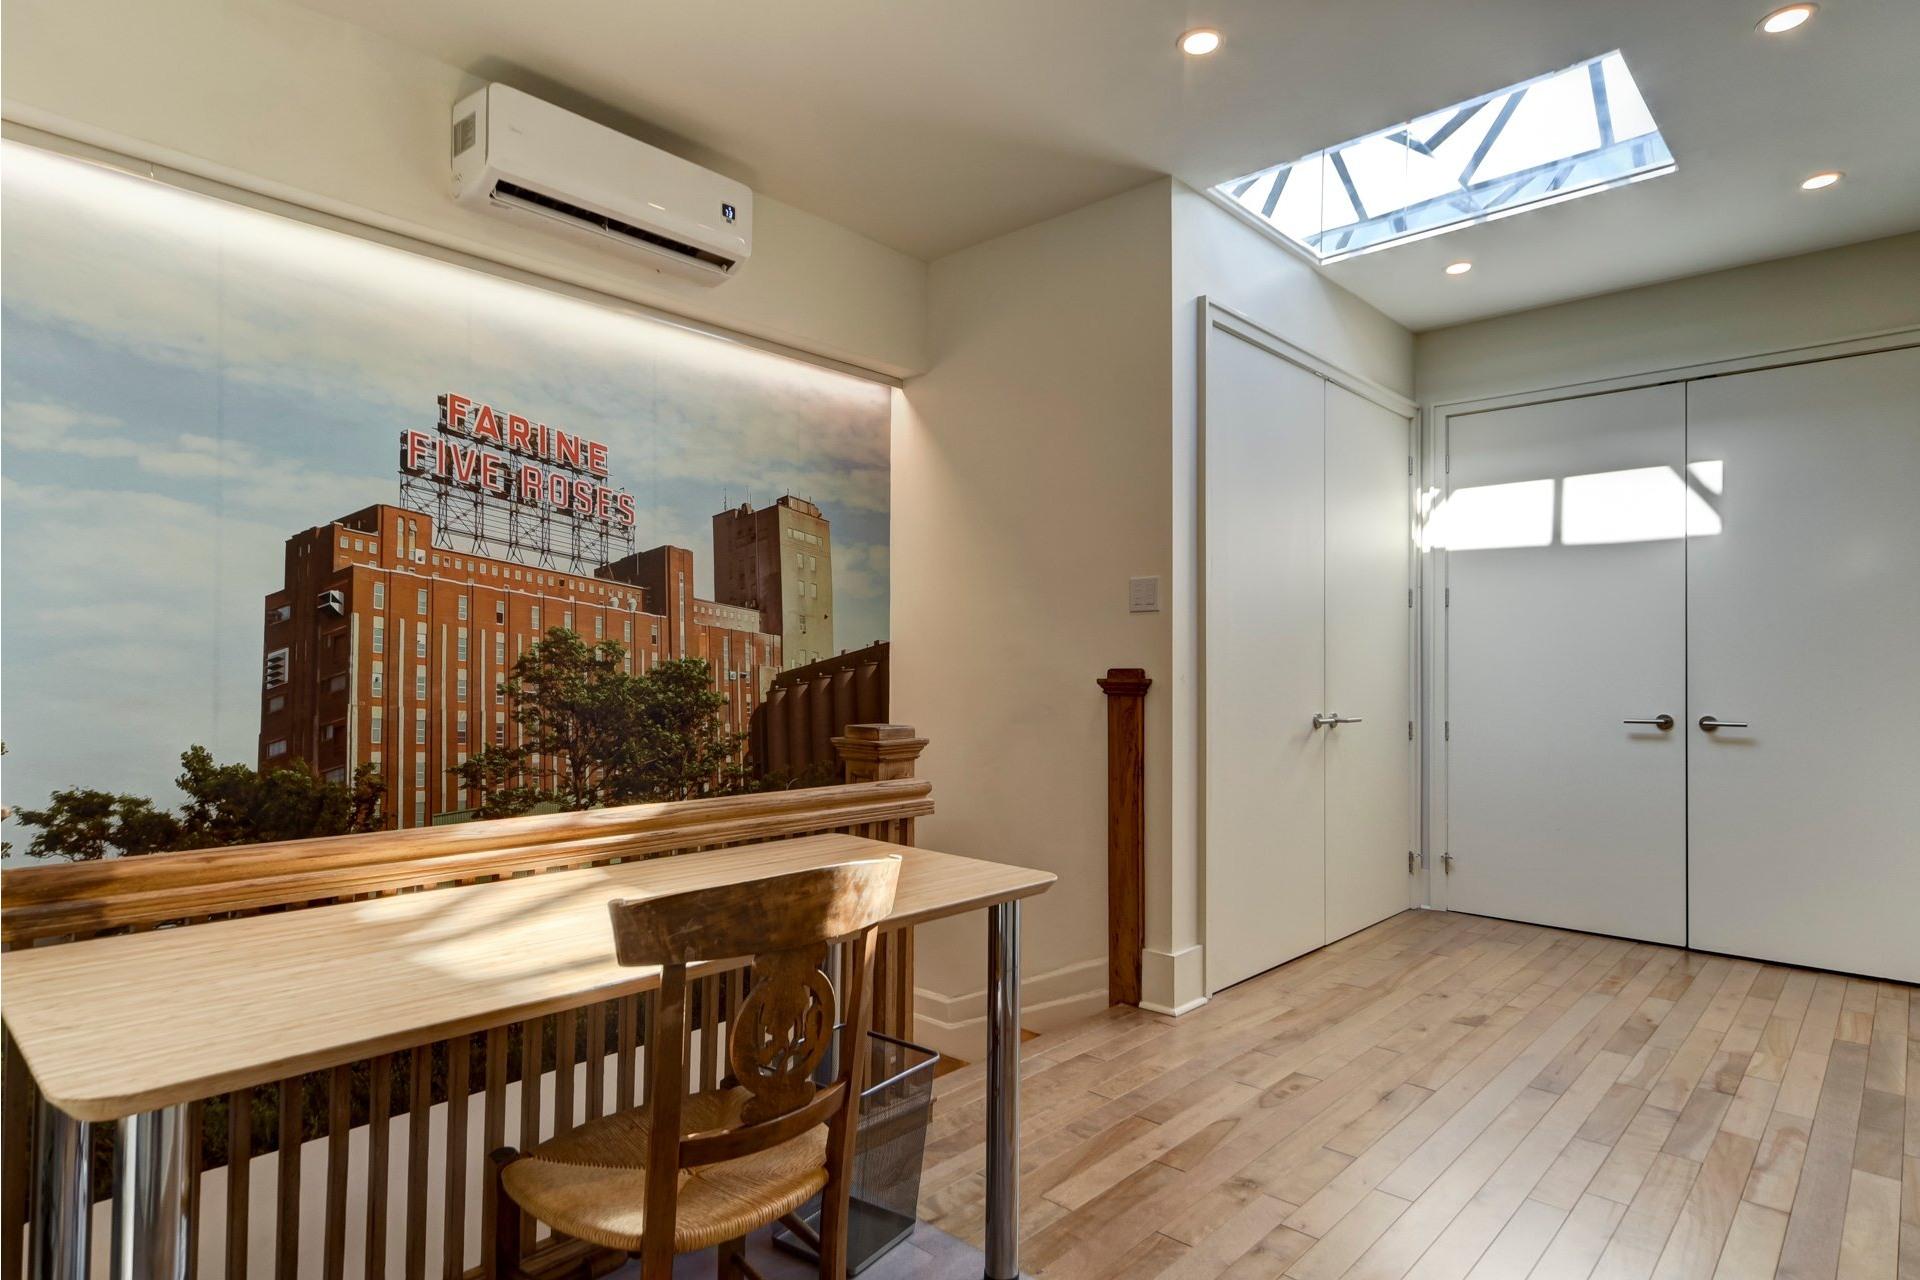 image 17 - Appartement À louer Côte-des-Neiges/Notre-Dame-de-Grâce Montréal  - 10 pièces